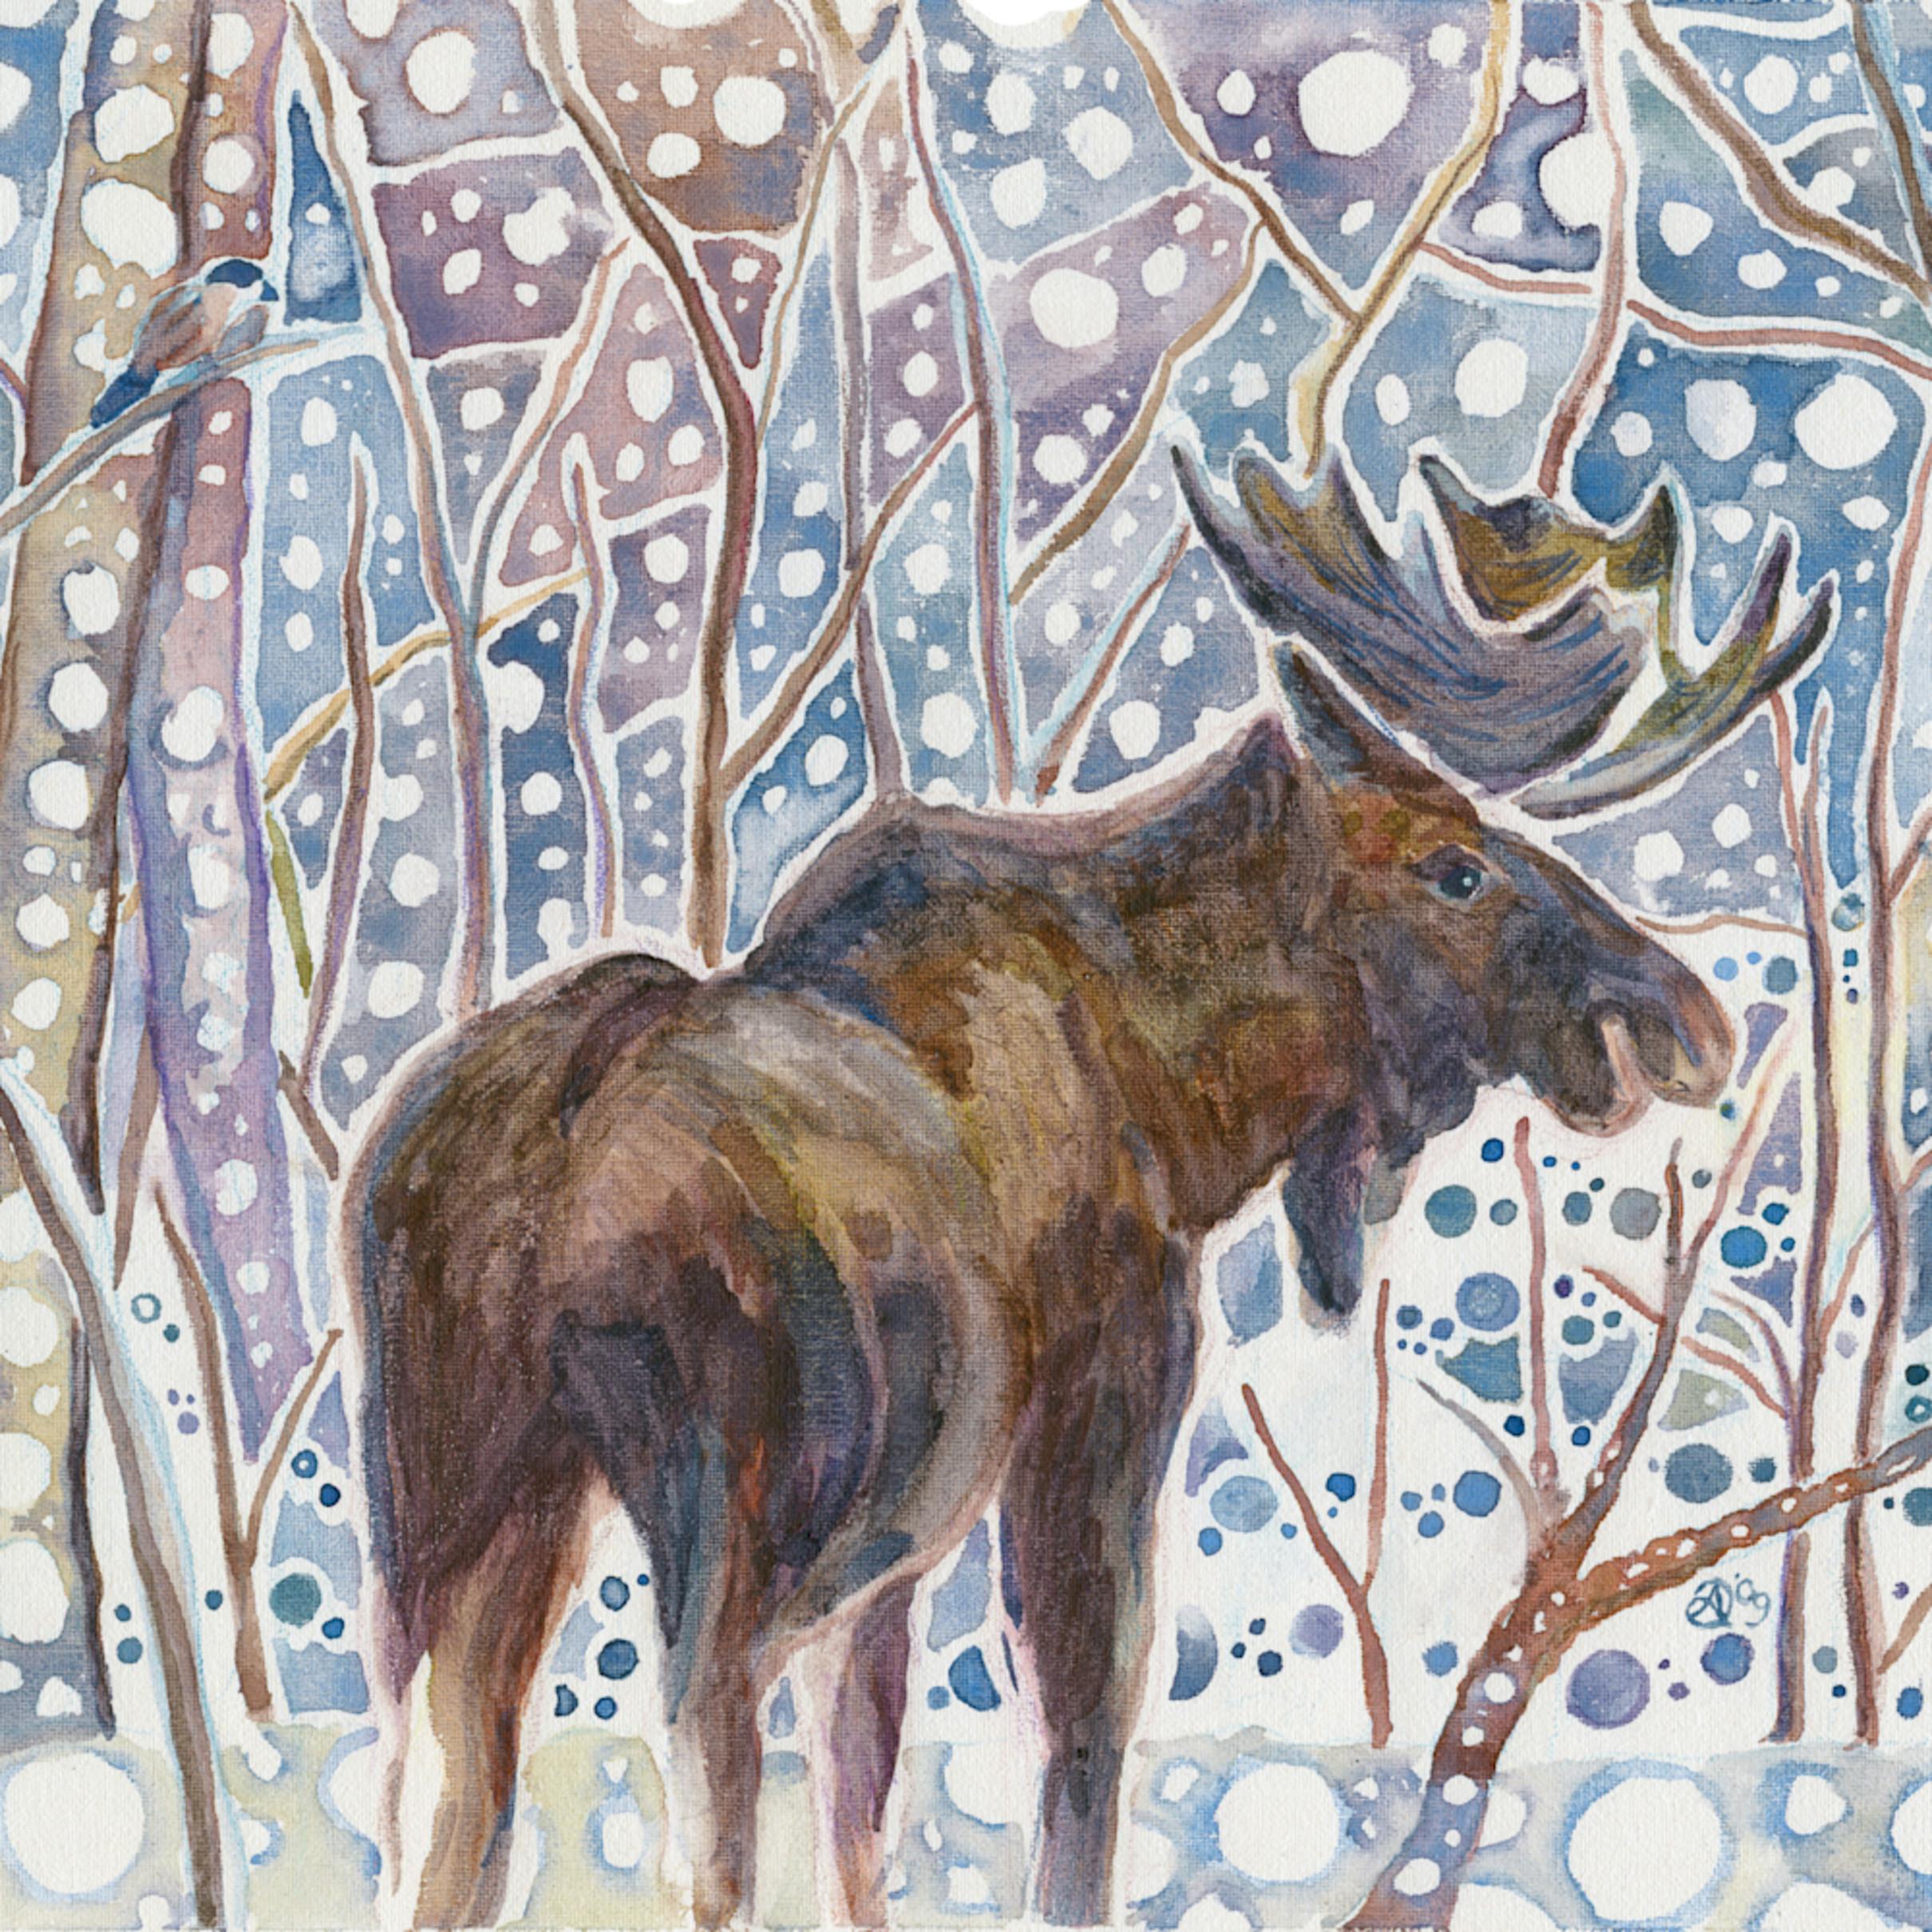 Moose2 evx37l